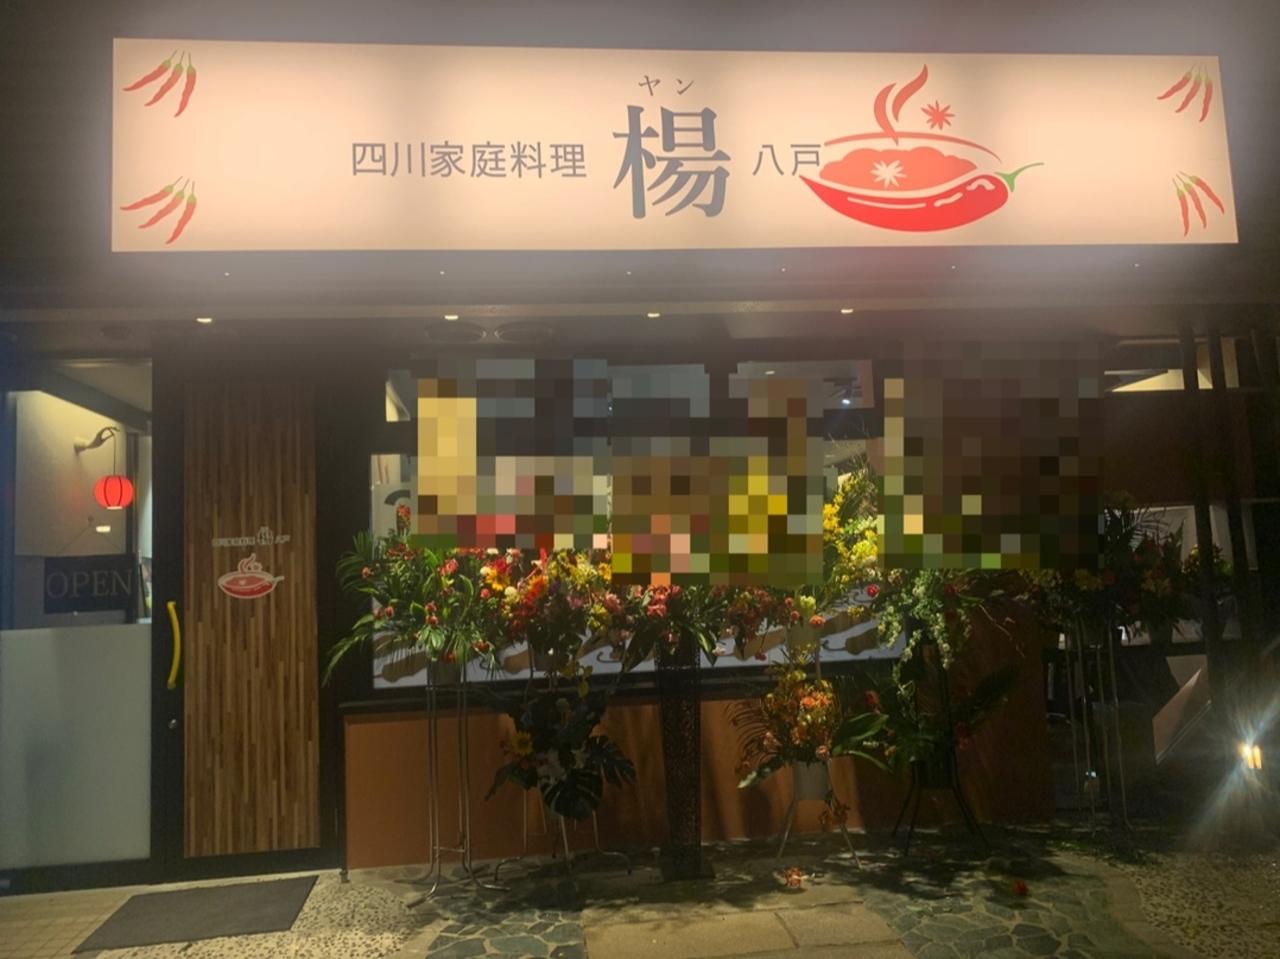 【八戸市】 「四川家庭料理 楊(ヤン)八戸」 21.3.30チーノ向かいに移転オープンしました!